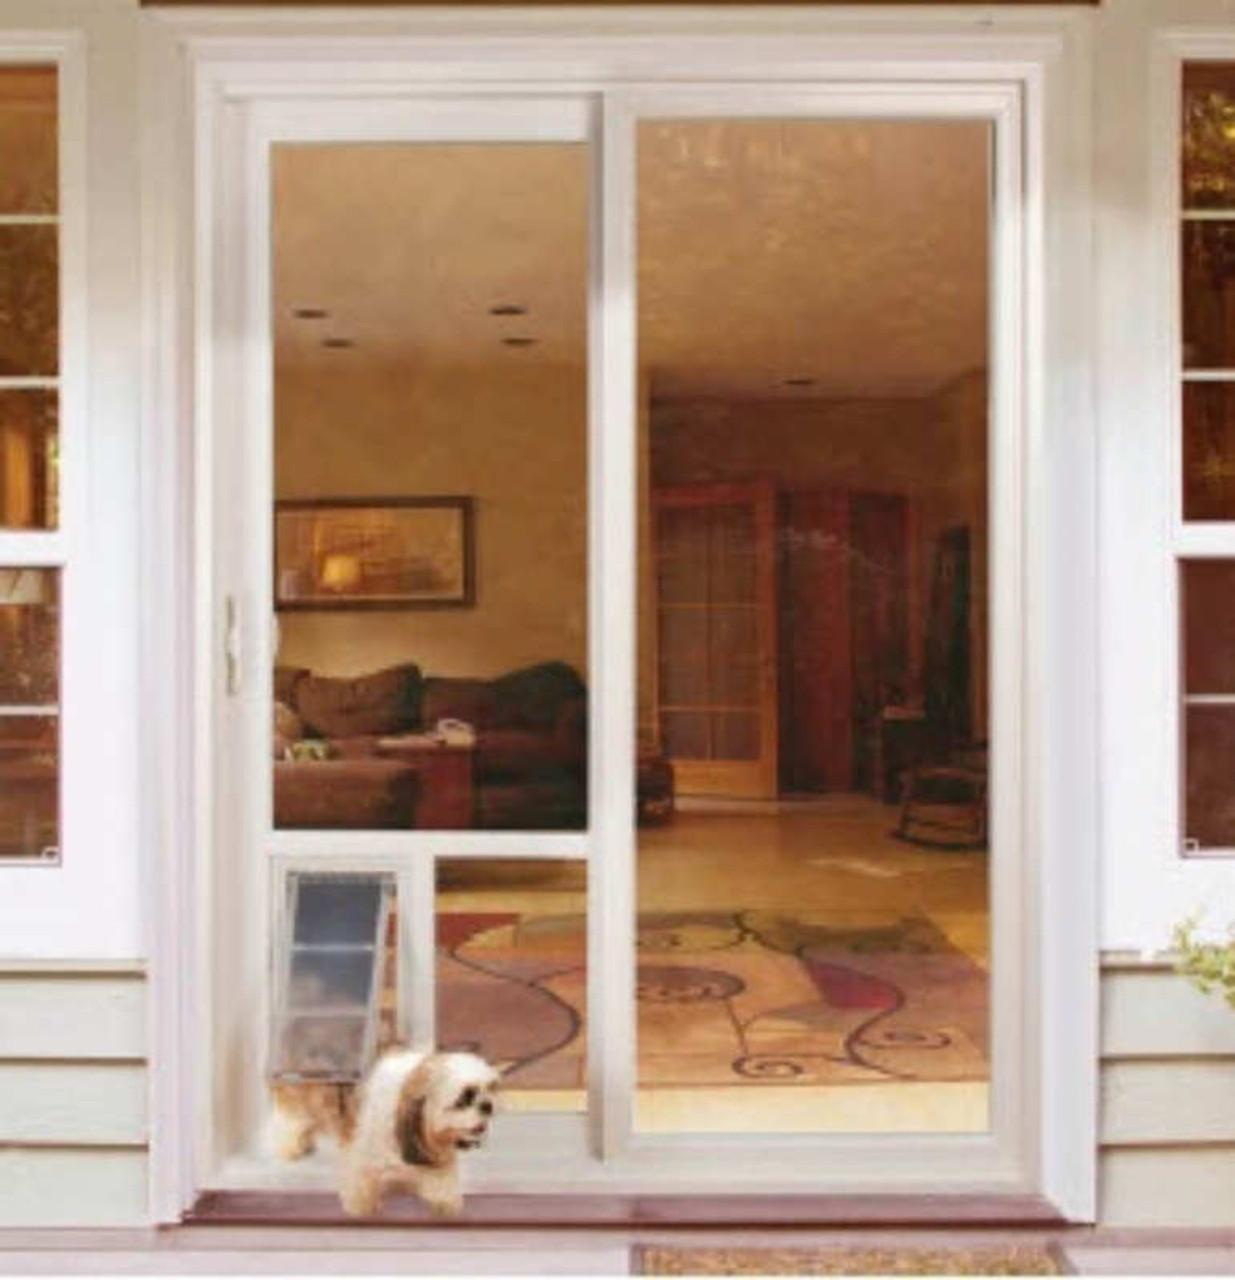 Pet Door Guys In Glass Doggy Doors is a replacement window for your sliding door or & Pet Door Guys Through Glass Doggy Door | Pet Door Store